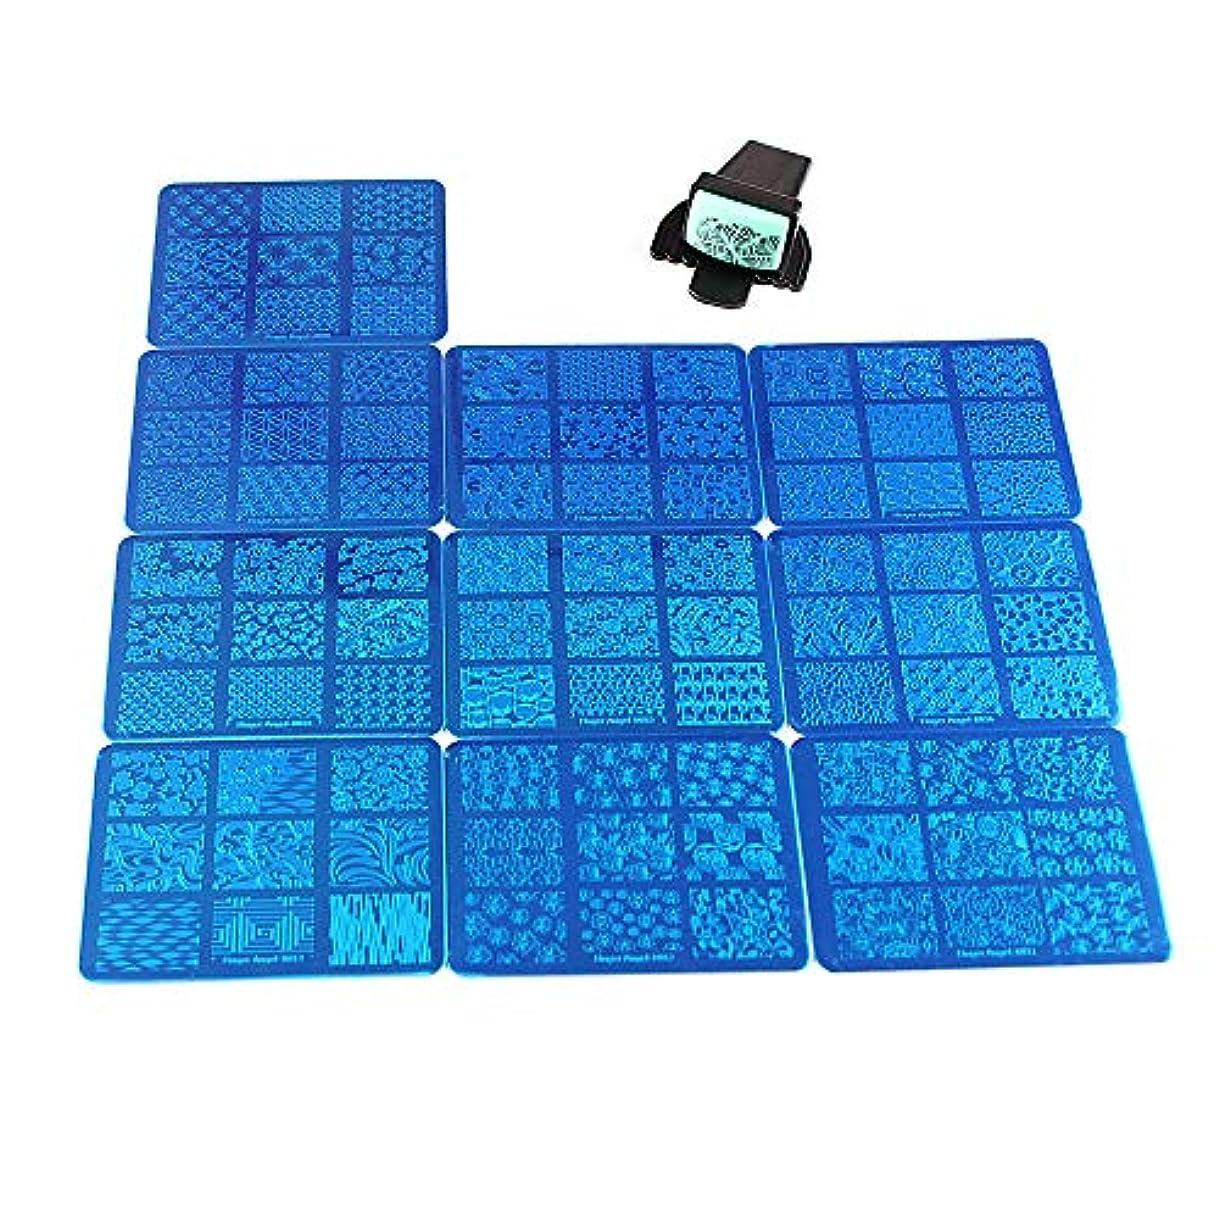 生活分類する緩やかなFingerAngel 10枚 ネイルイメージプレートセット ネイルプレート 長方形 花 フルカバー ネイルスタンププレート スタンプ スクレーパー(B11-20)